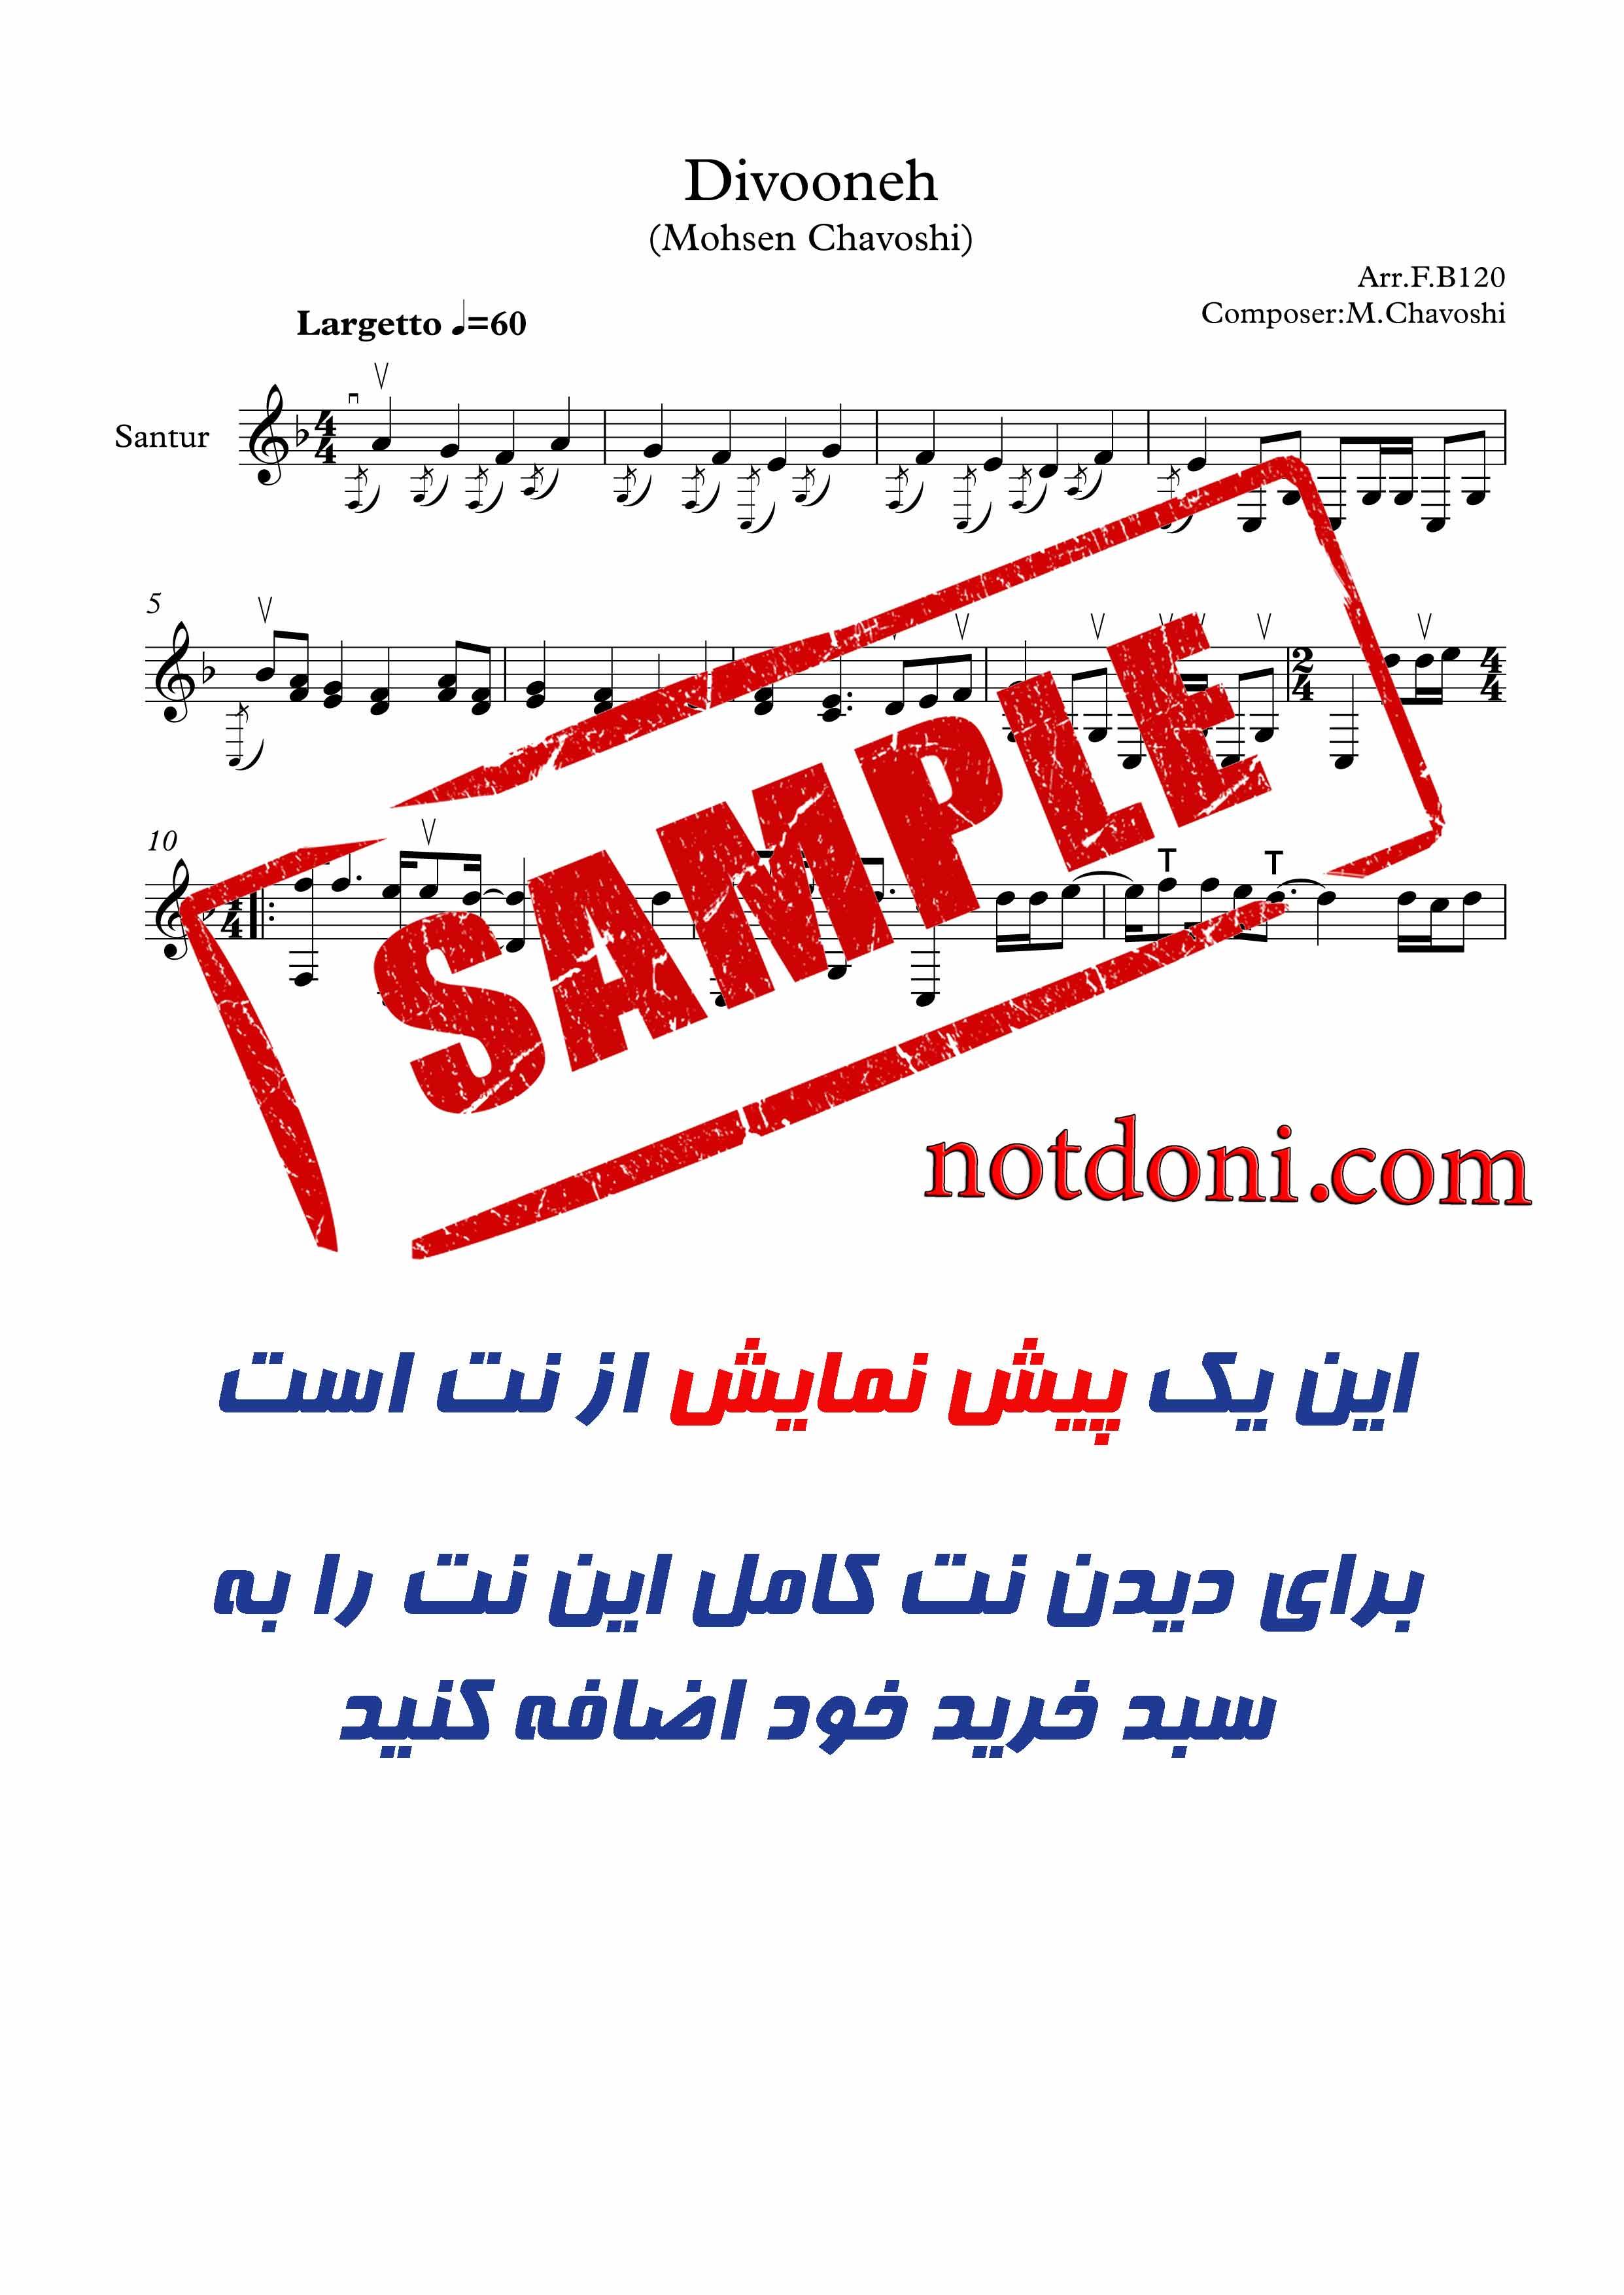 fd6f8060-4714-4f00-af2f-d4016d1885b8_دموی-نت-آهنگ-دیونه-سنتور.jpg